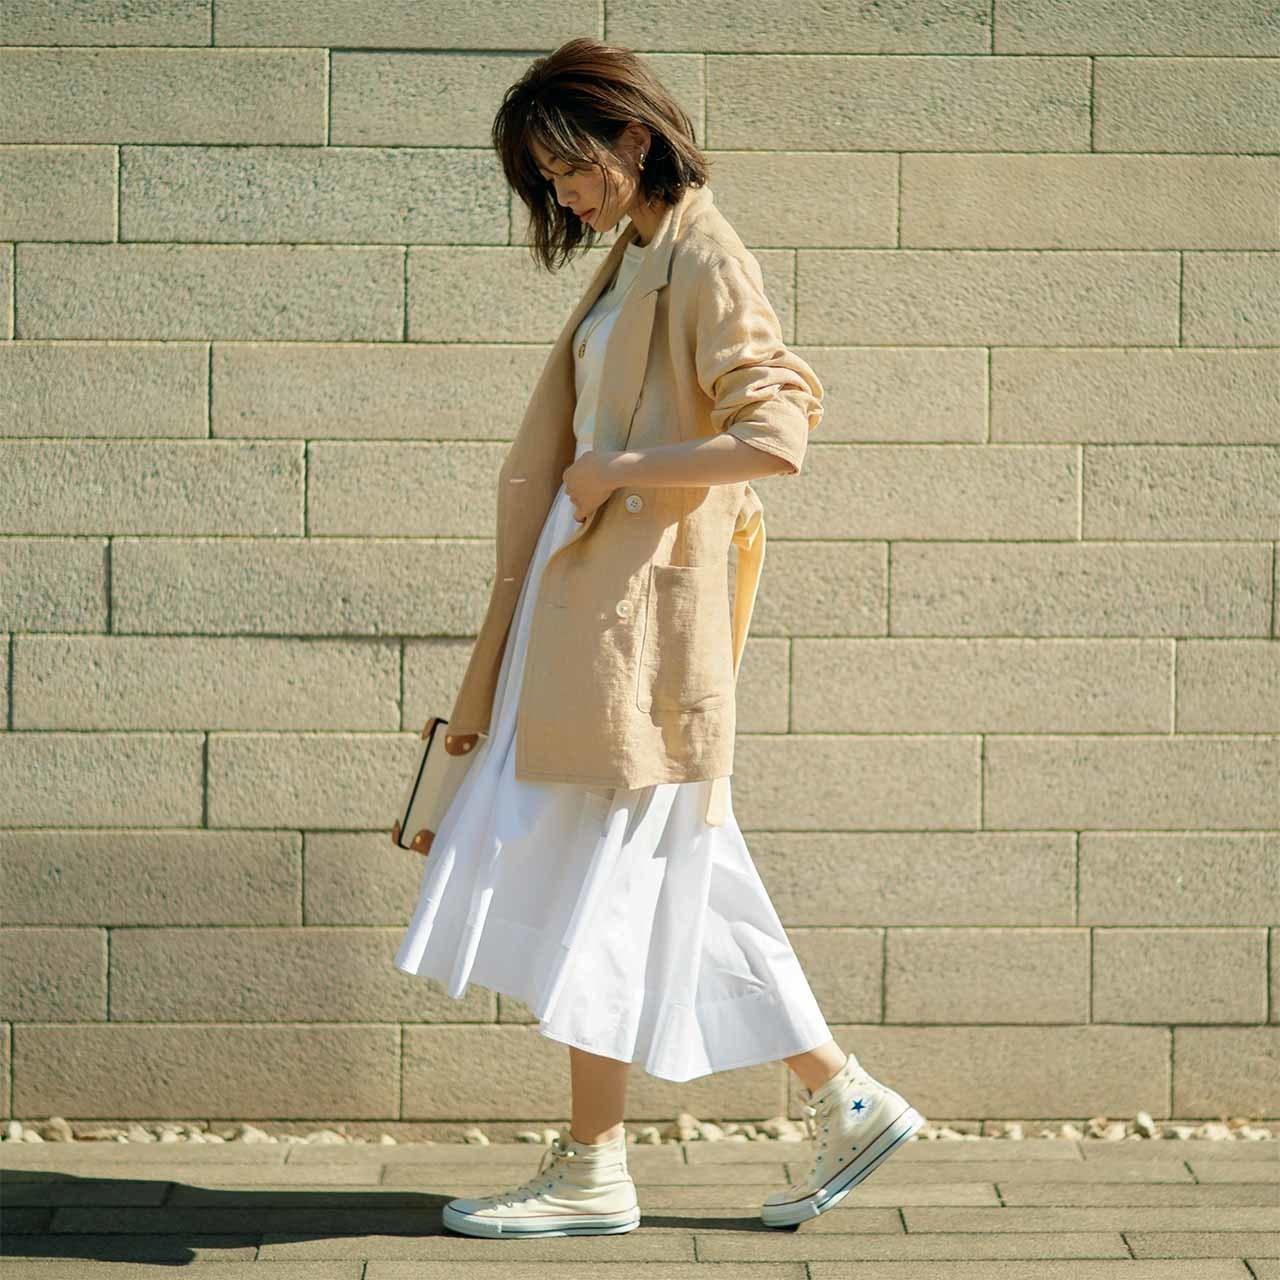 ベージュのリネンジャケット×ミディ丈の白スカートコーデ